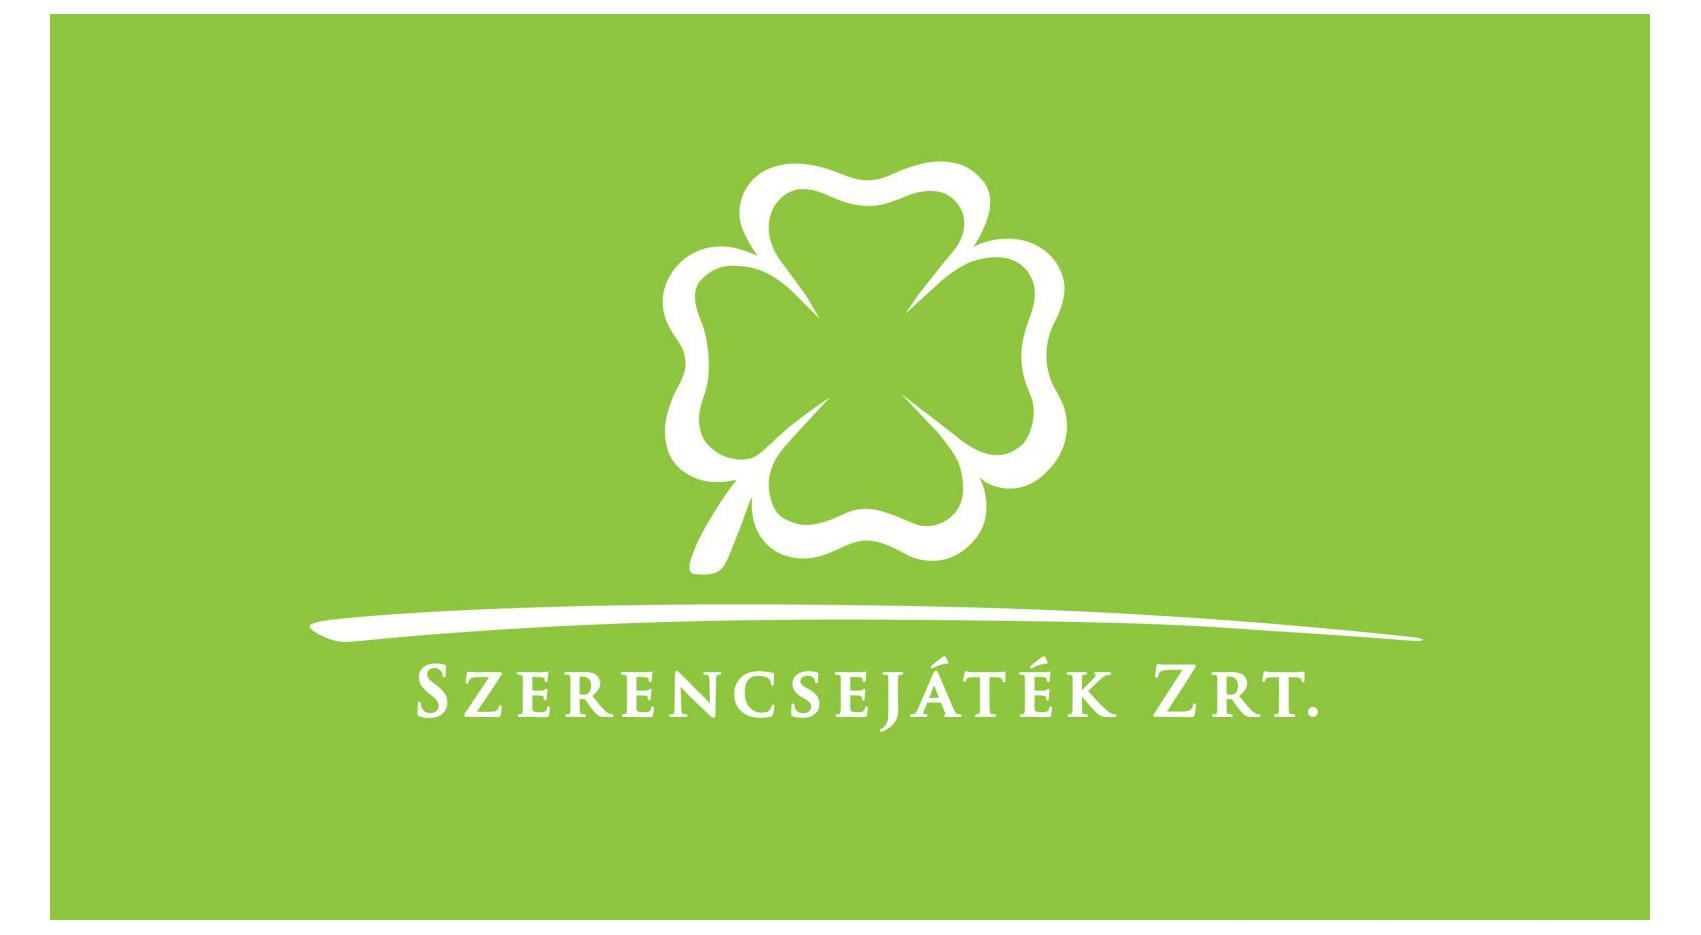 szerencsejatek_logo2_0